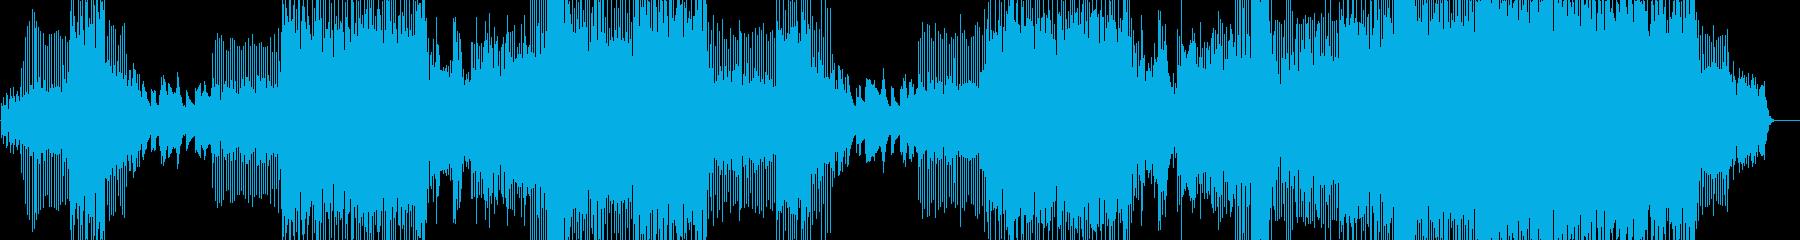 ヒーリング系4つ打ちプログレッシブハウスの再生済みの波形